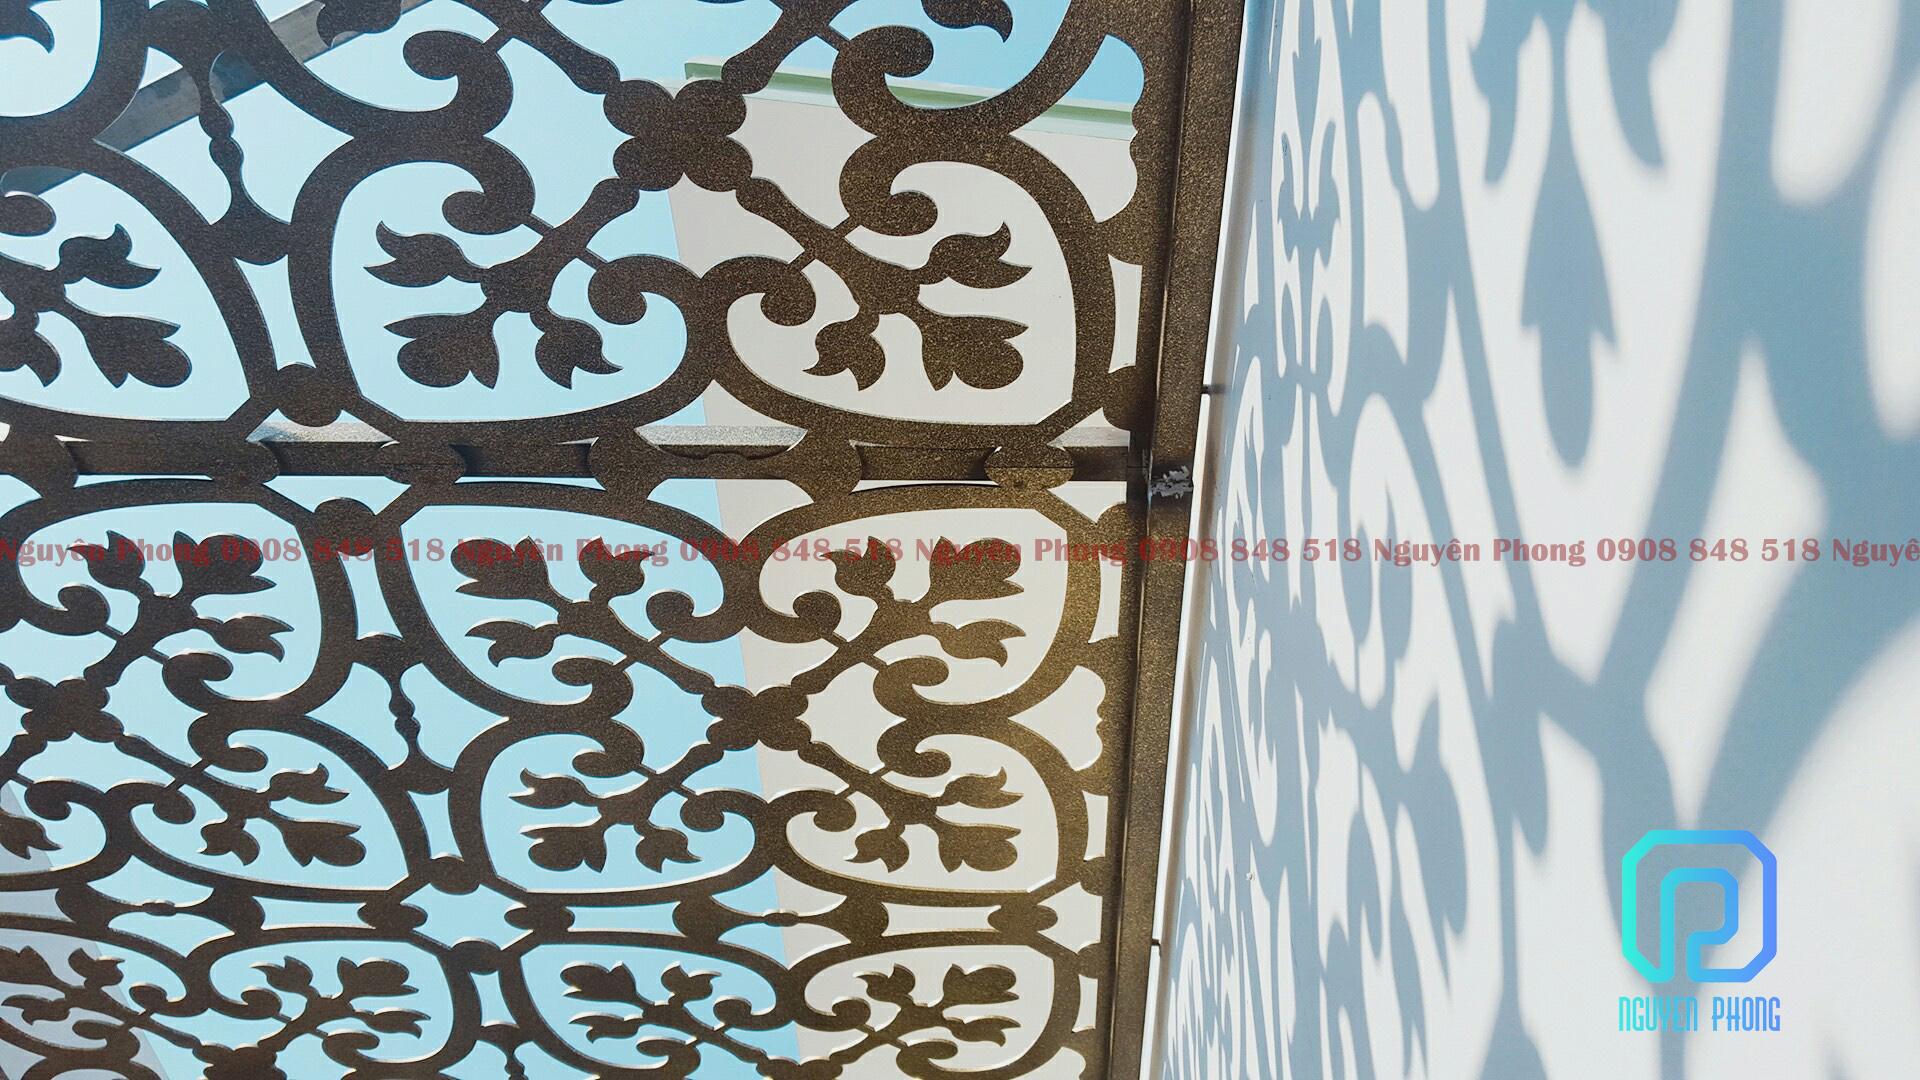 Mái đón, mái hiên trang trí mặt tiền với khung hoa văn sắt CNC hiện đại, lạ mắt